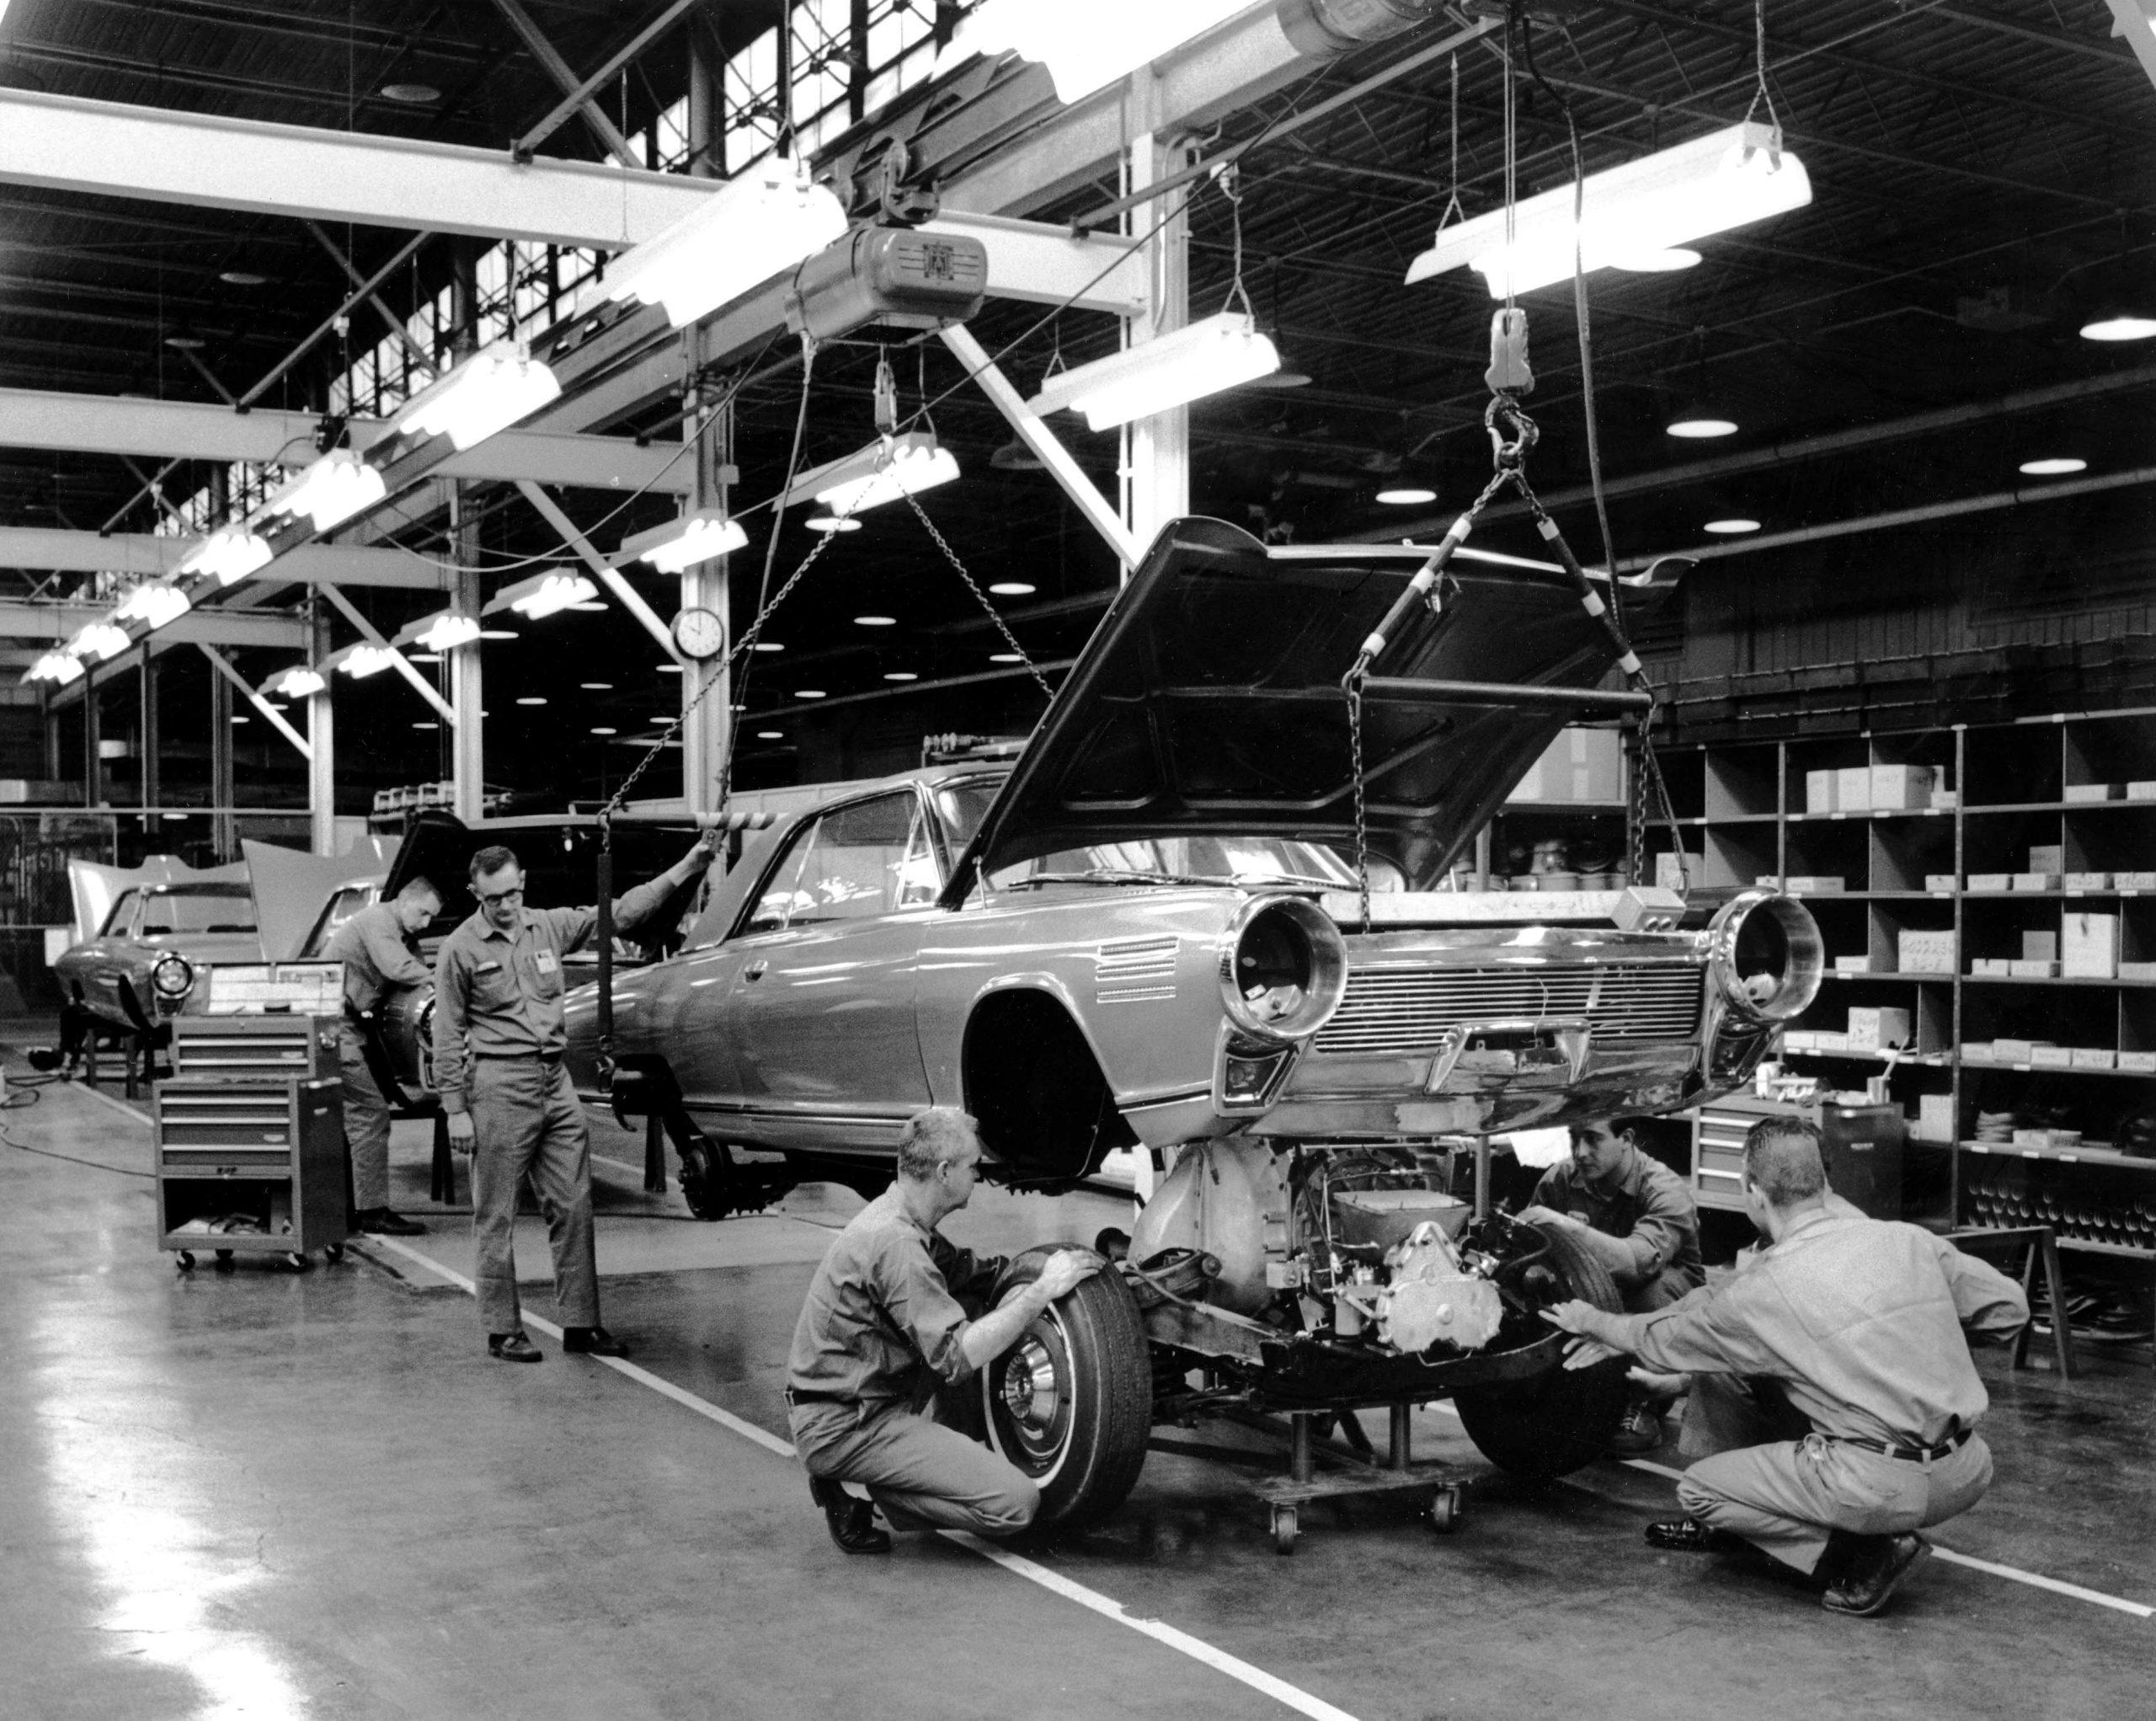 Chrysler Turbine history - 1963 Chrysler Turbine assembly line